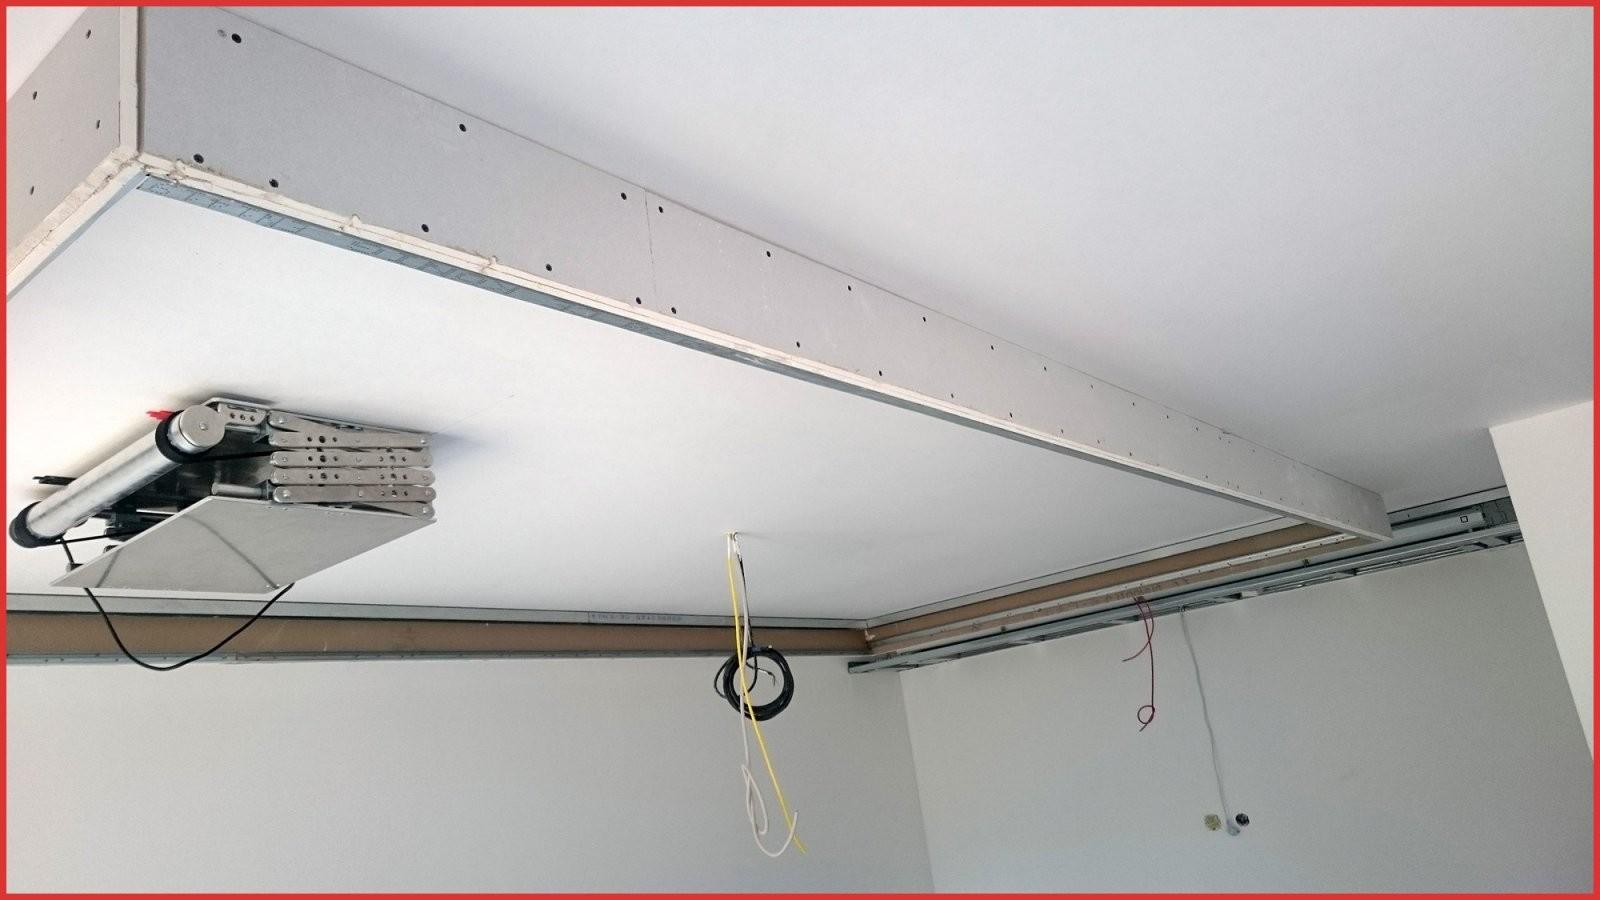 Indirekte Beleuchtung Selber Bauen Rigips 100970 20 Bilder Indirekte von Indirekte Wandbeleuchtung Selber Bauen Bild